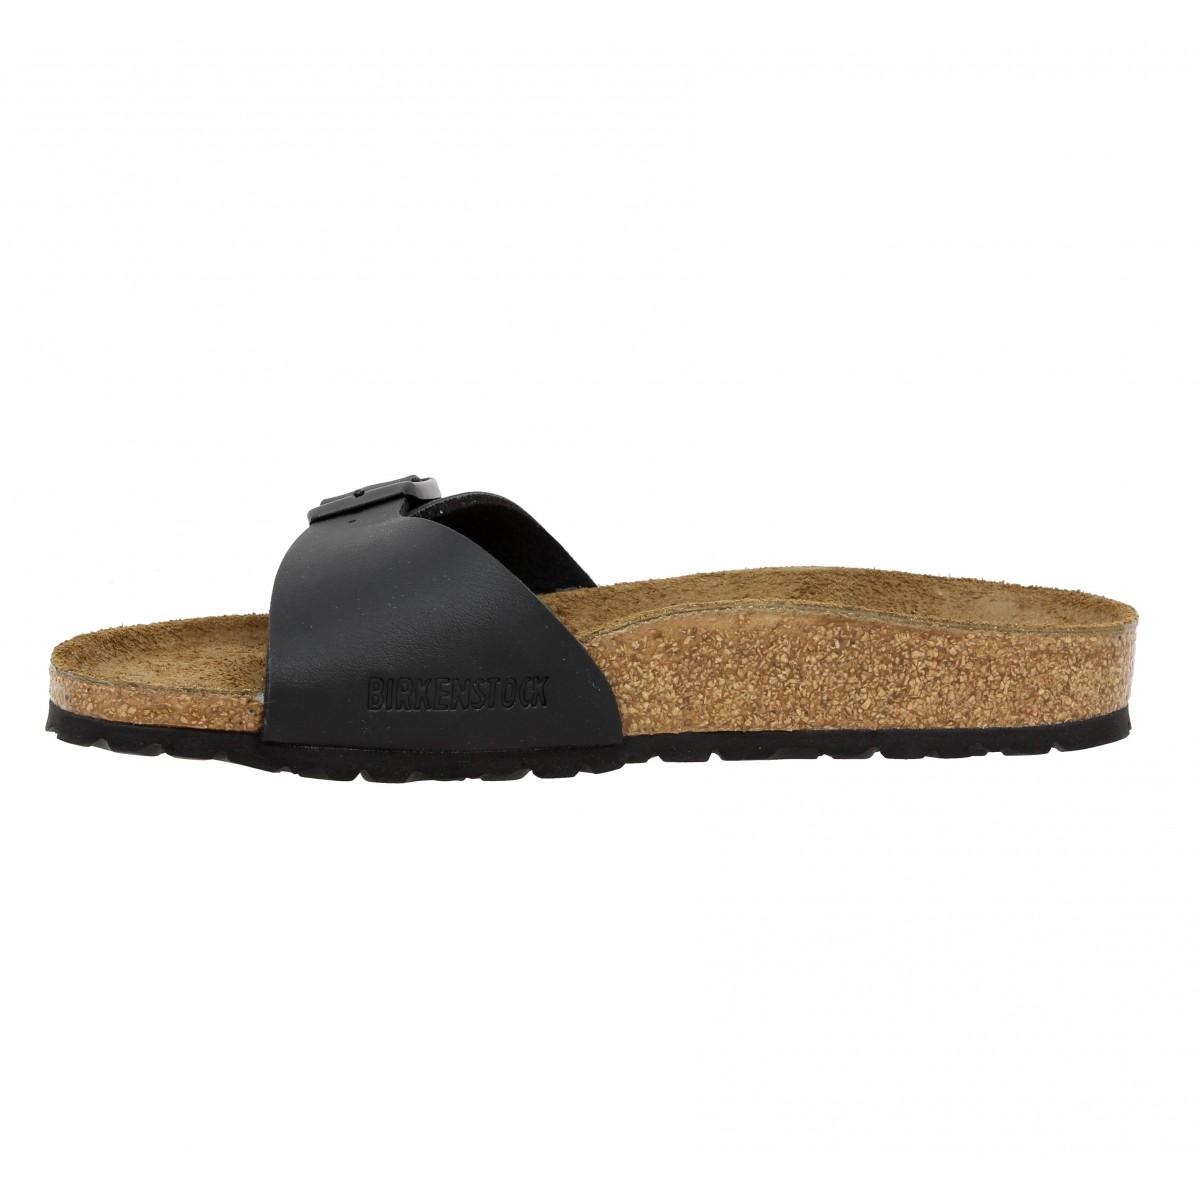 soldes birkenstock madrid birko flor homme noir fanny chaussures. Black Bedroom Furniture Sets. Home Design Ideas